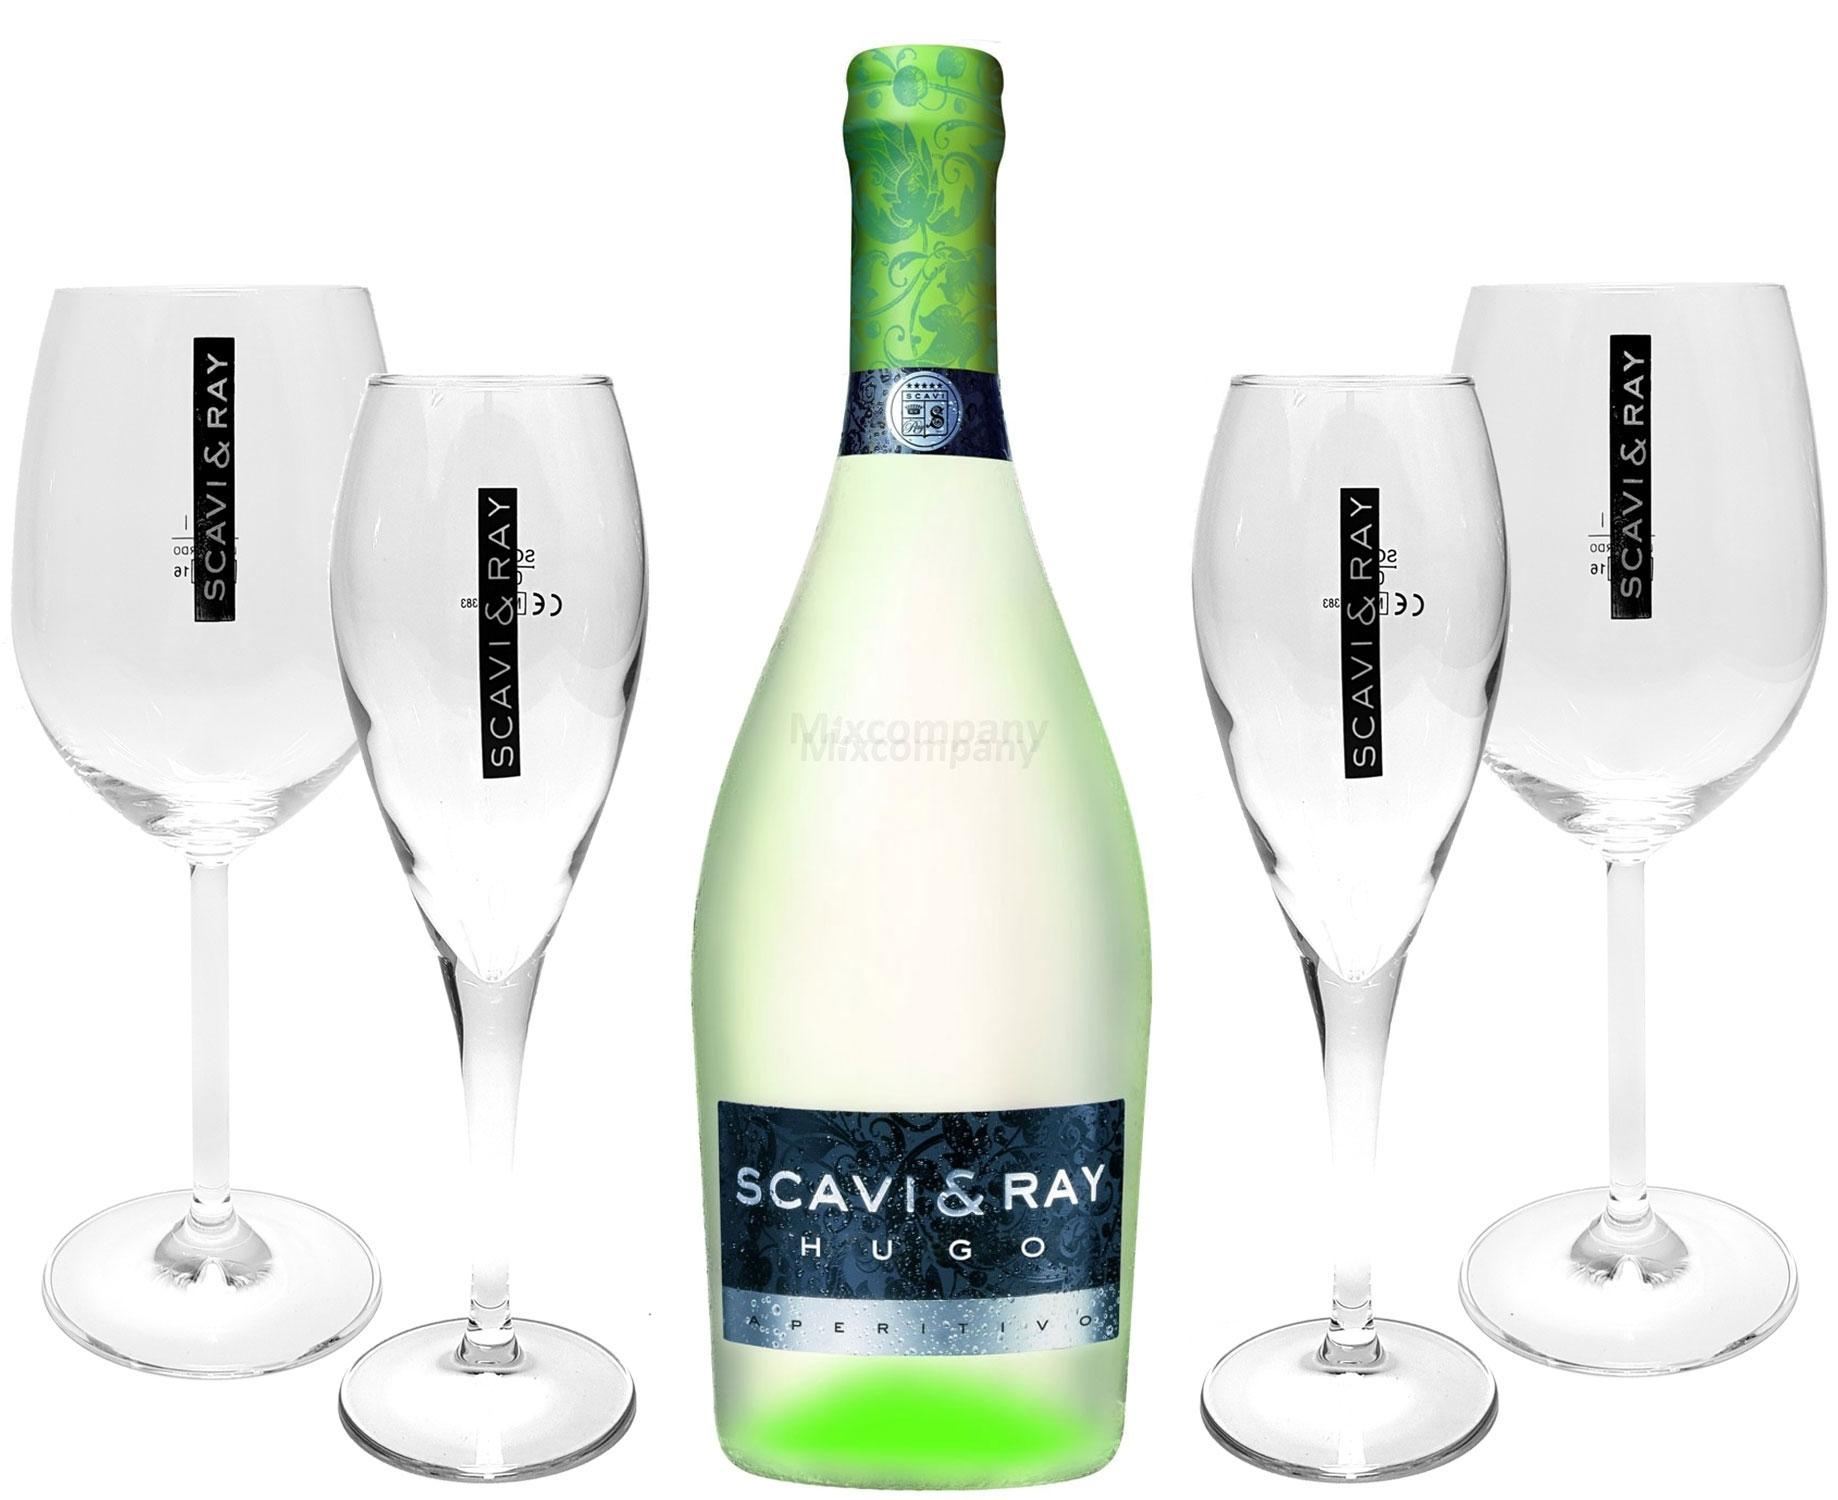 Scavi & Ray Hugo Aperitivo 0,75l (6% Vol) + 2x Flöten (10cl) + 2x Ballon Gläser (20cl) -[Enthält Sulfite]